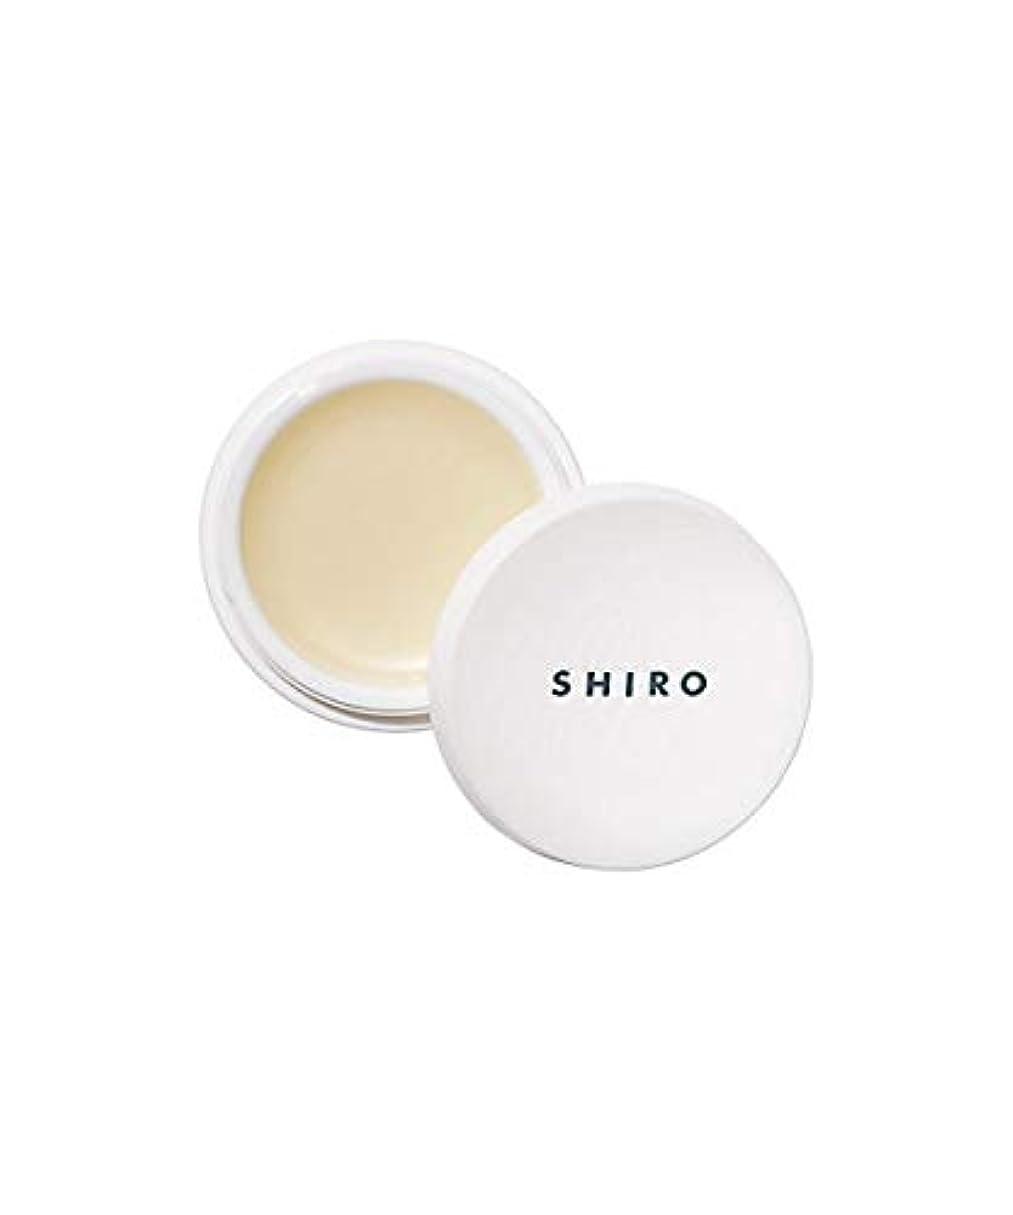 穿孔する増加する代わりにを立てるshiro white tea ホワイトティー 練り香水 12g